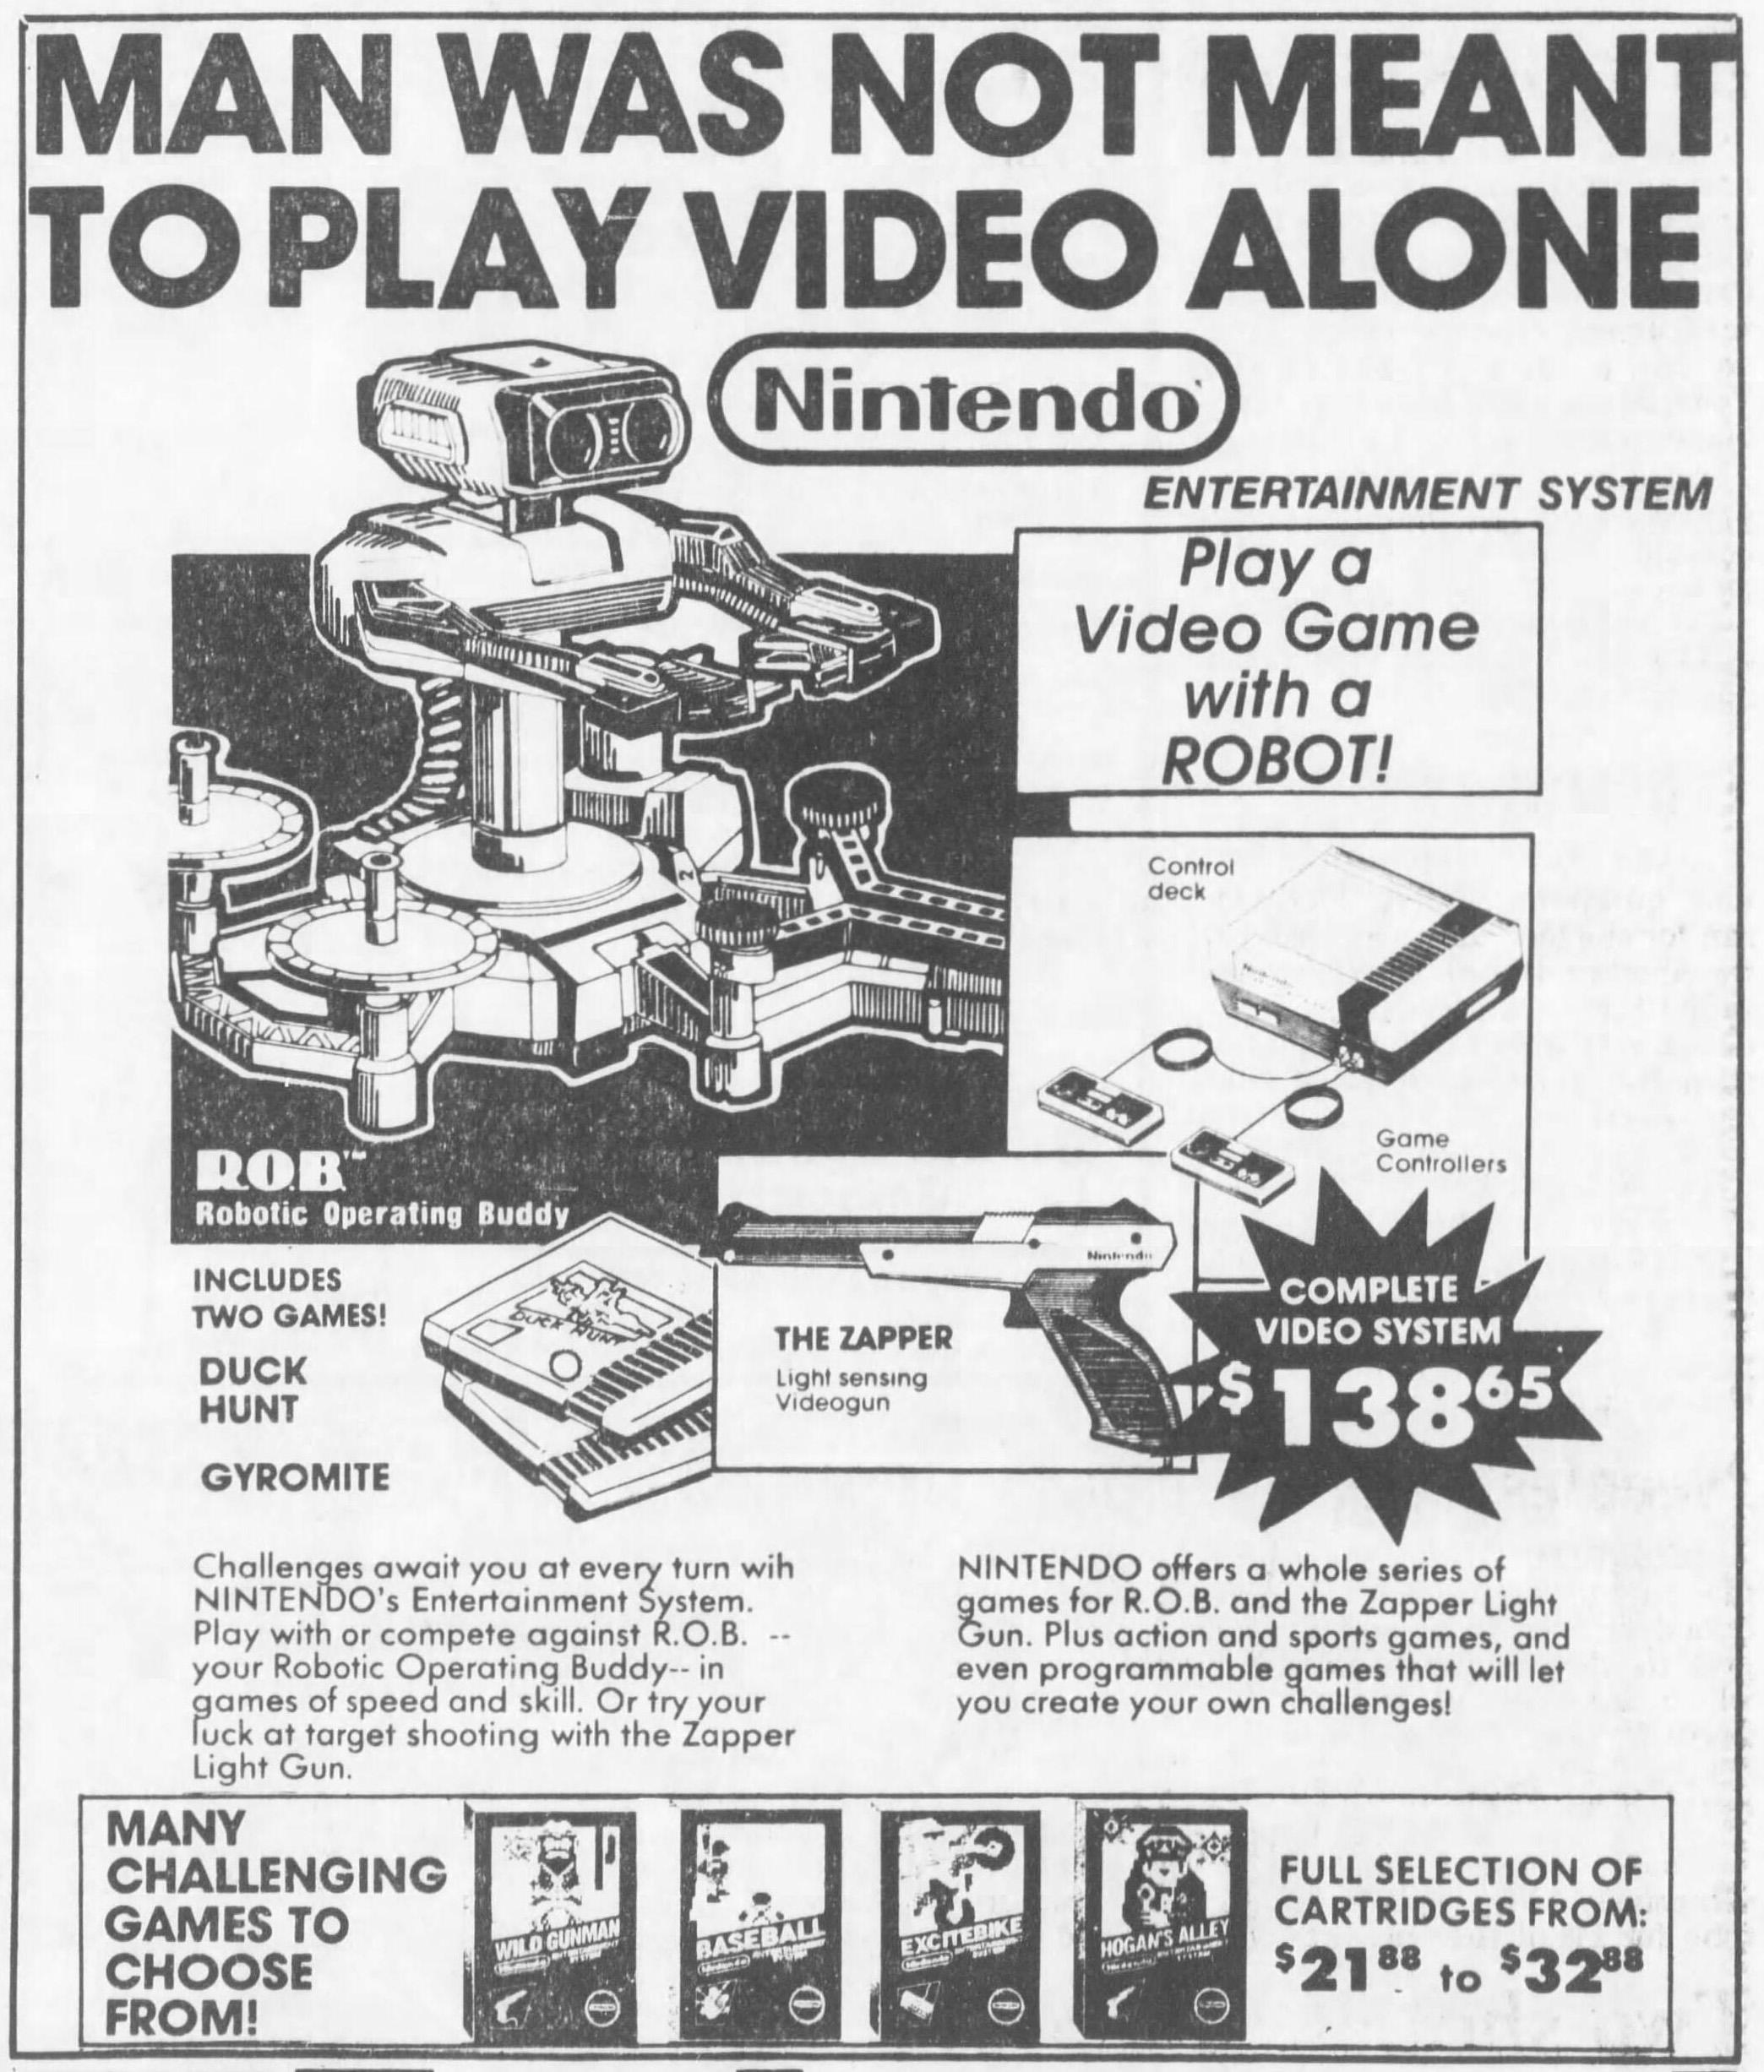 Nintendo R.O.B